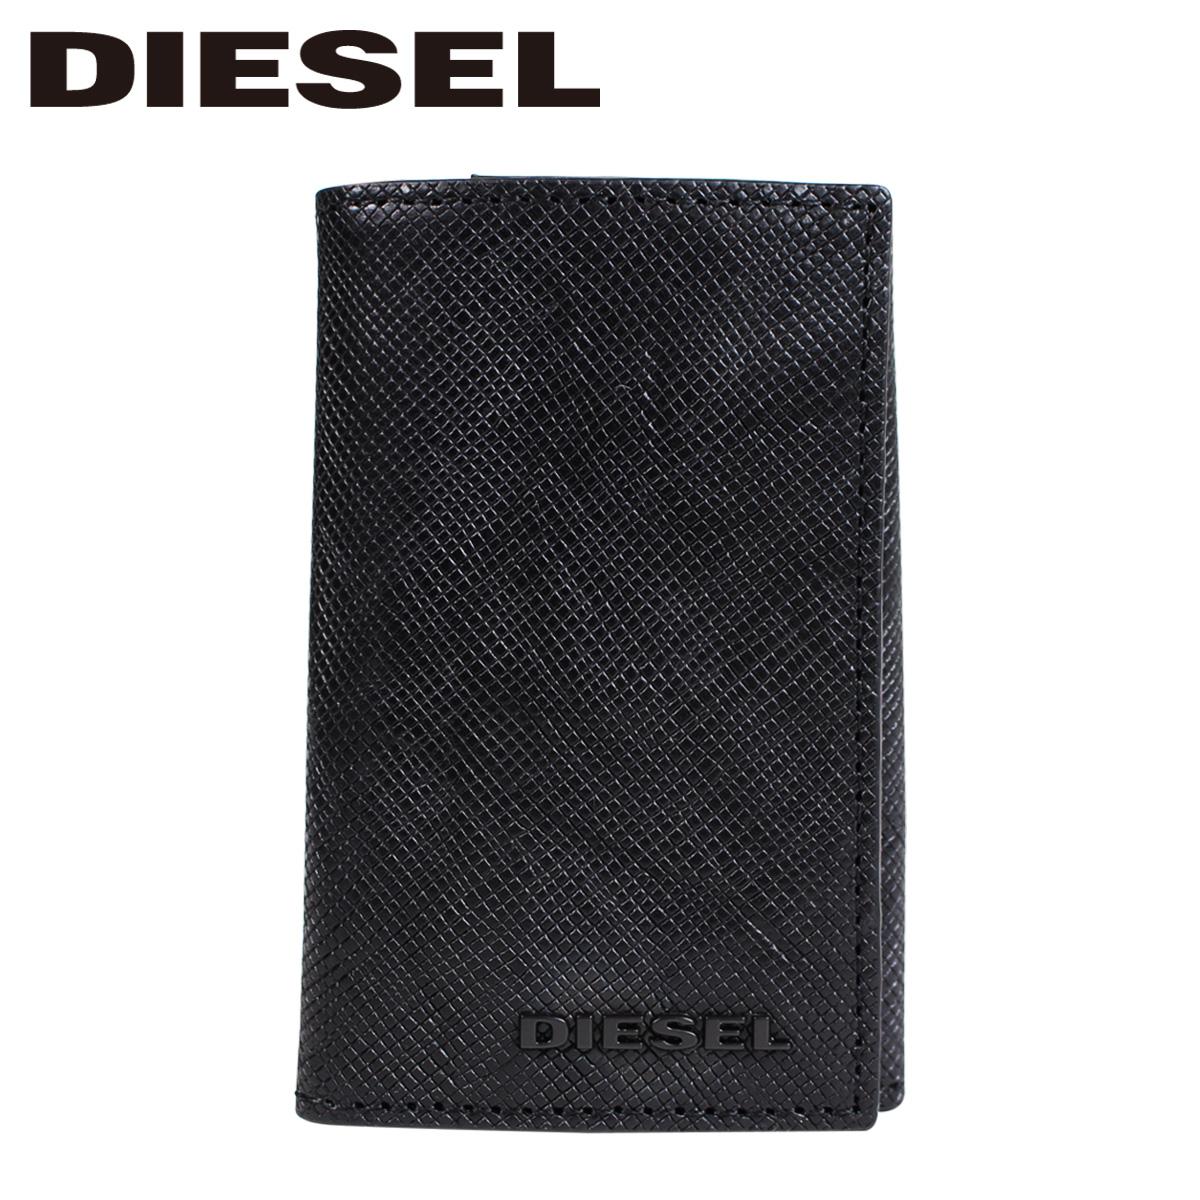 ディーゼル キーケース DIESEL メンズ 本革 6連 SUNBURST KEYCASE O ブラック X05370 P0517